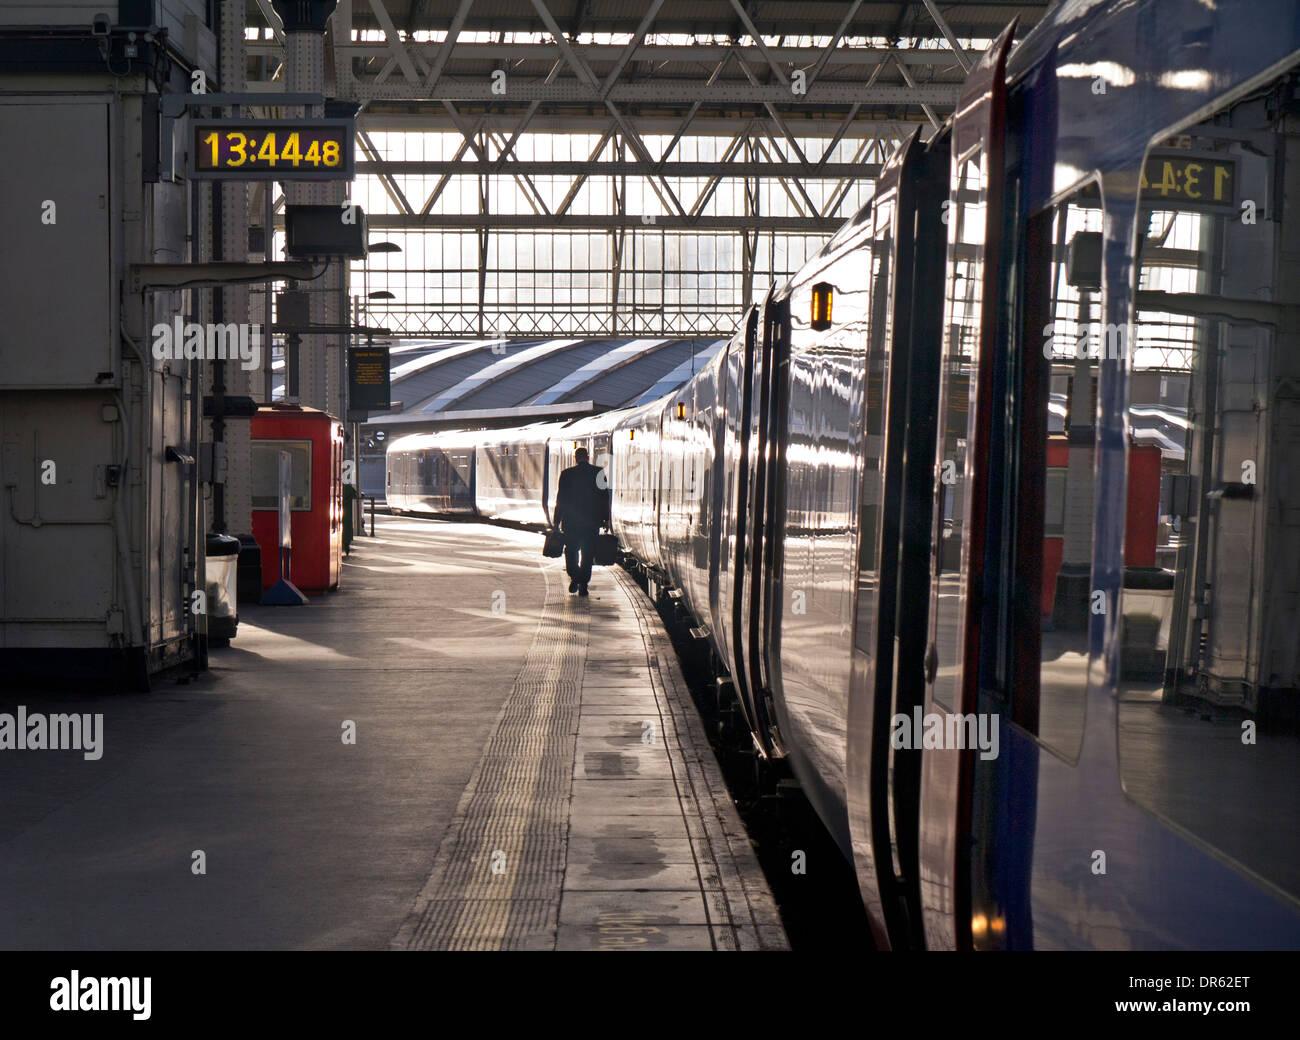 Concetto di ridondanza / sconsolato solo l uomo che porta due valigette di scrivania contenuto camminando sulla banchina della stazione di treno carrello a 13.44 pm Immagini Stock